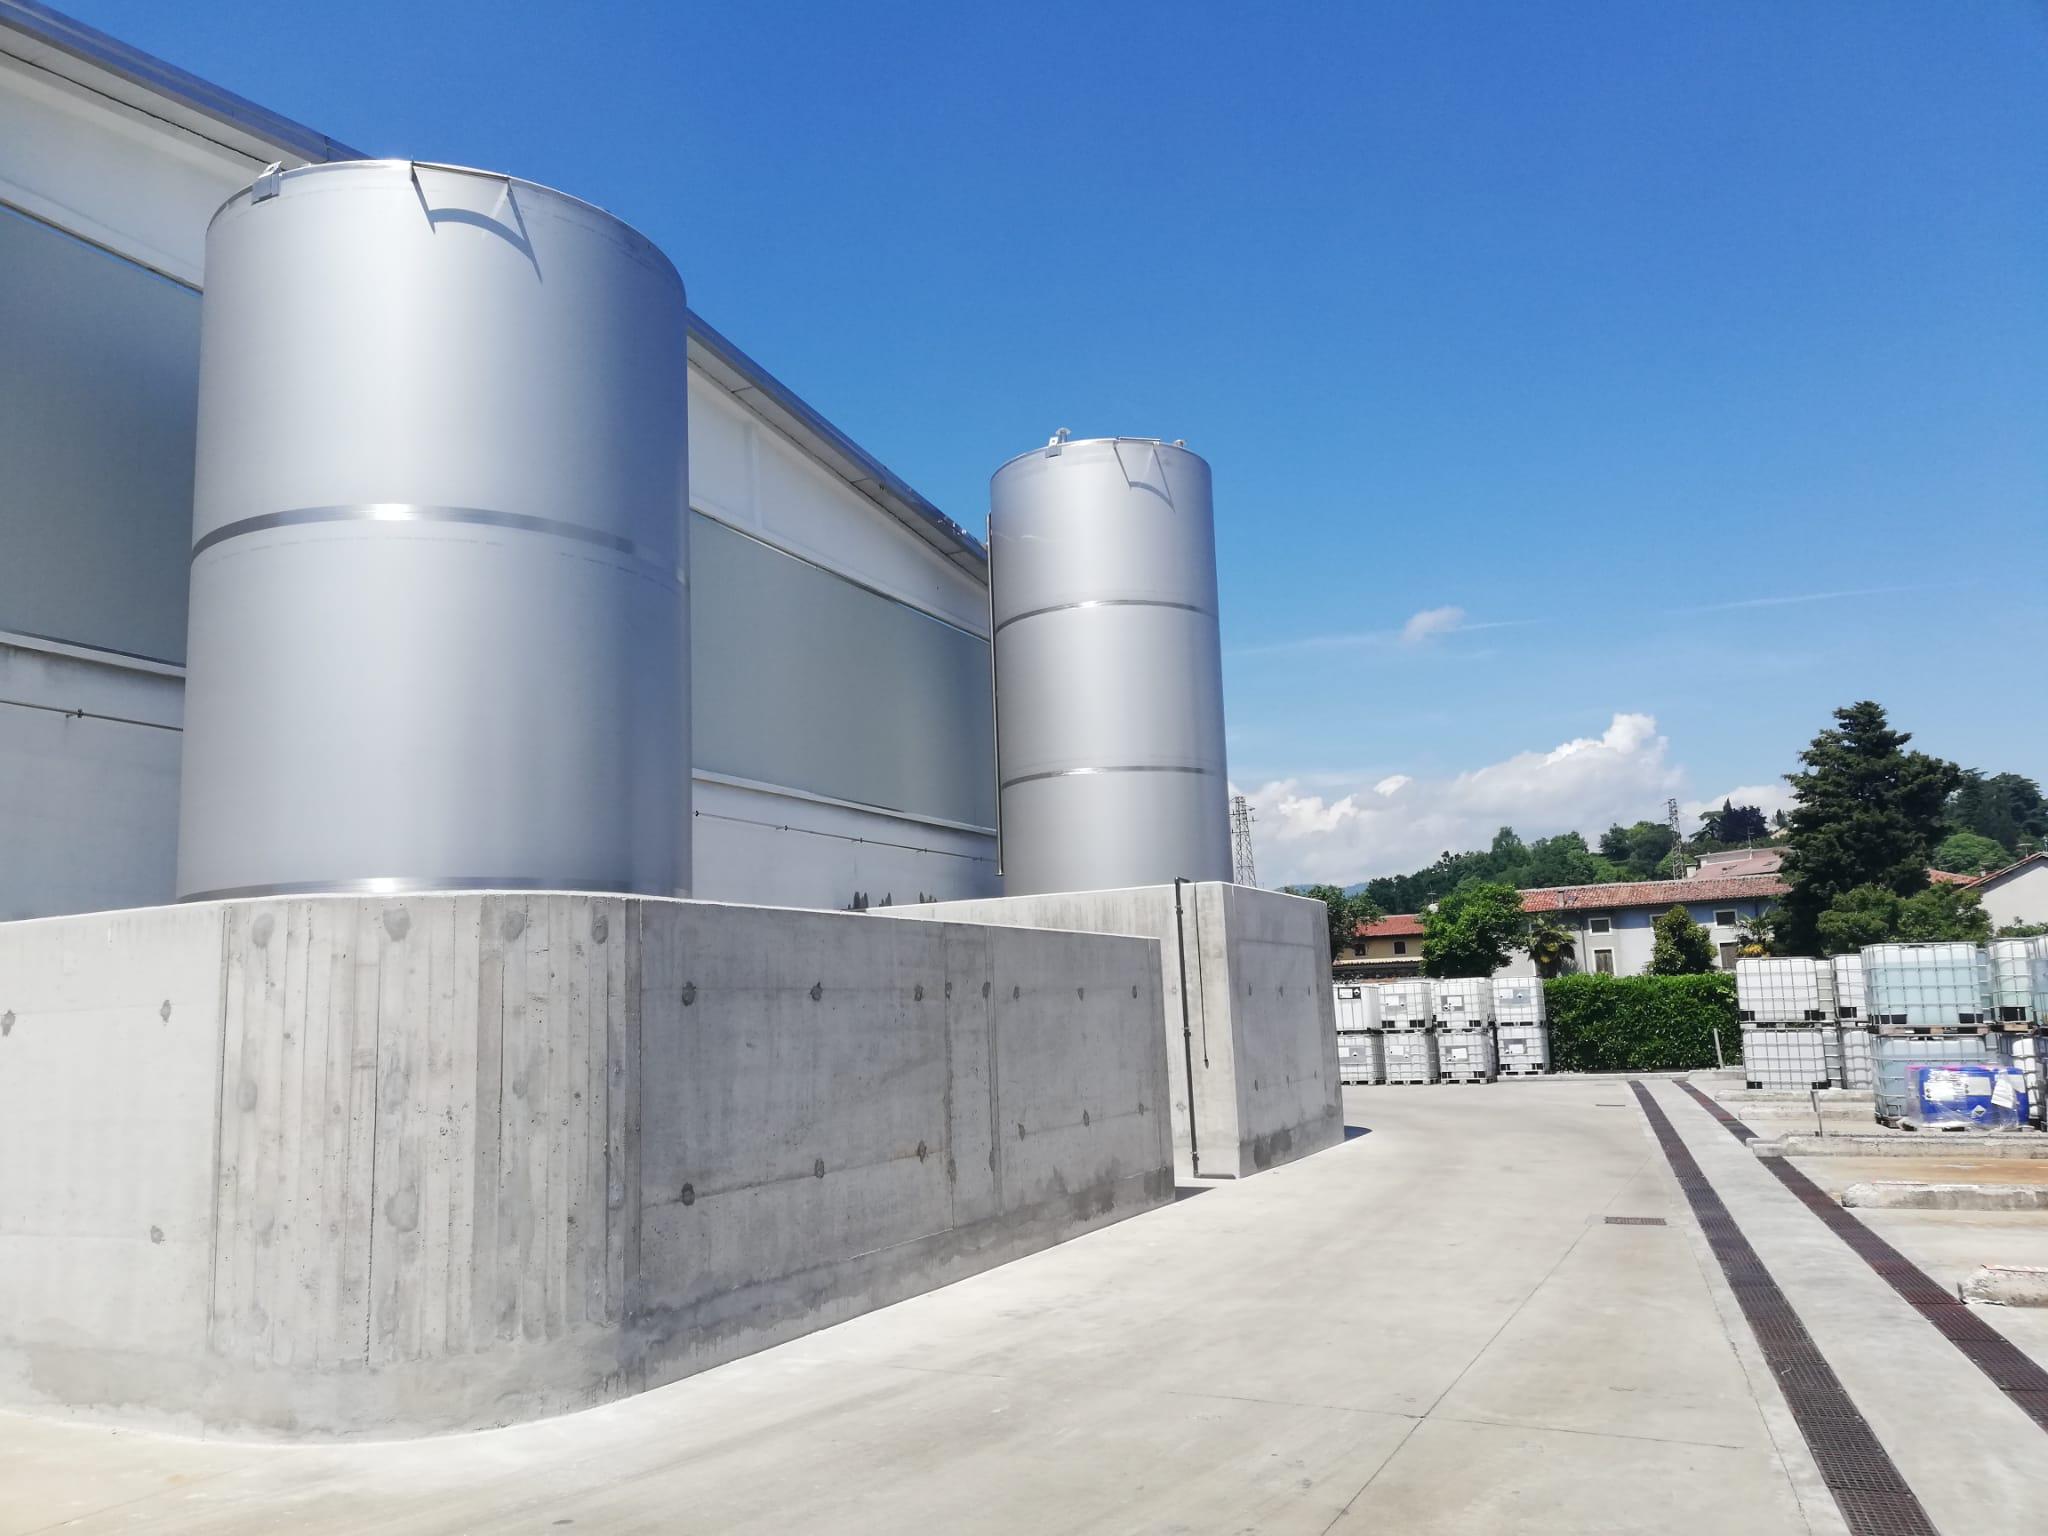 Toscolapi nuove cisterne a Arzignano